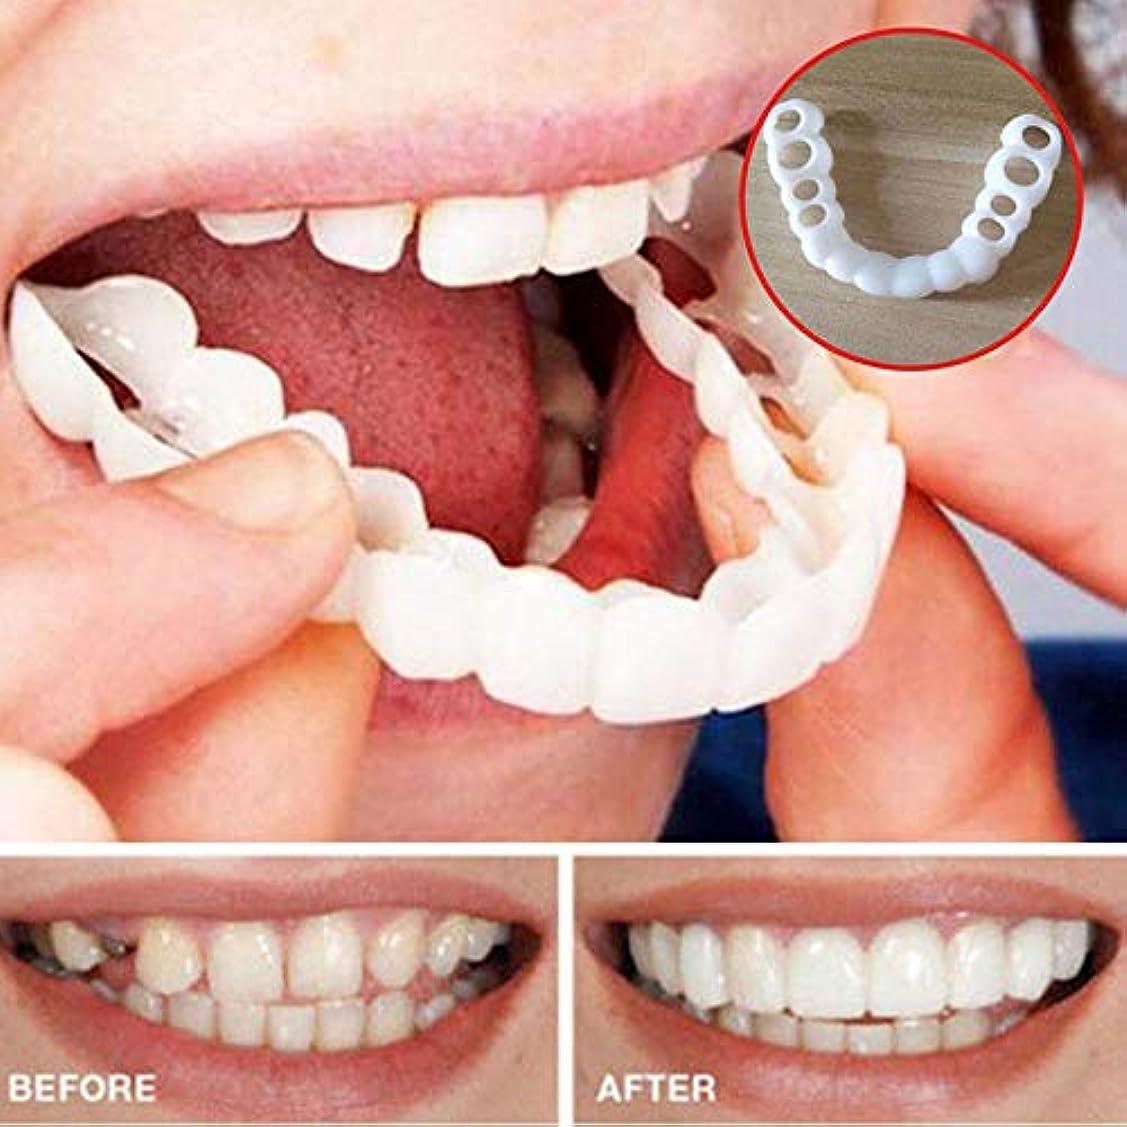 対処一致雑品シリコンシミュレーション歯ホワイトニングブレース(2個),Upper